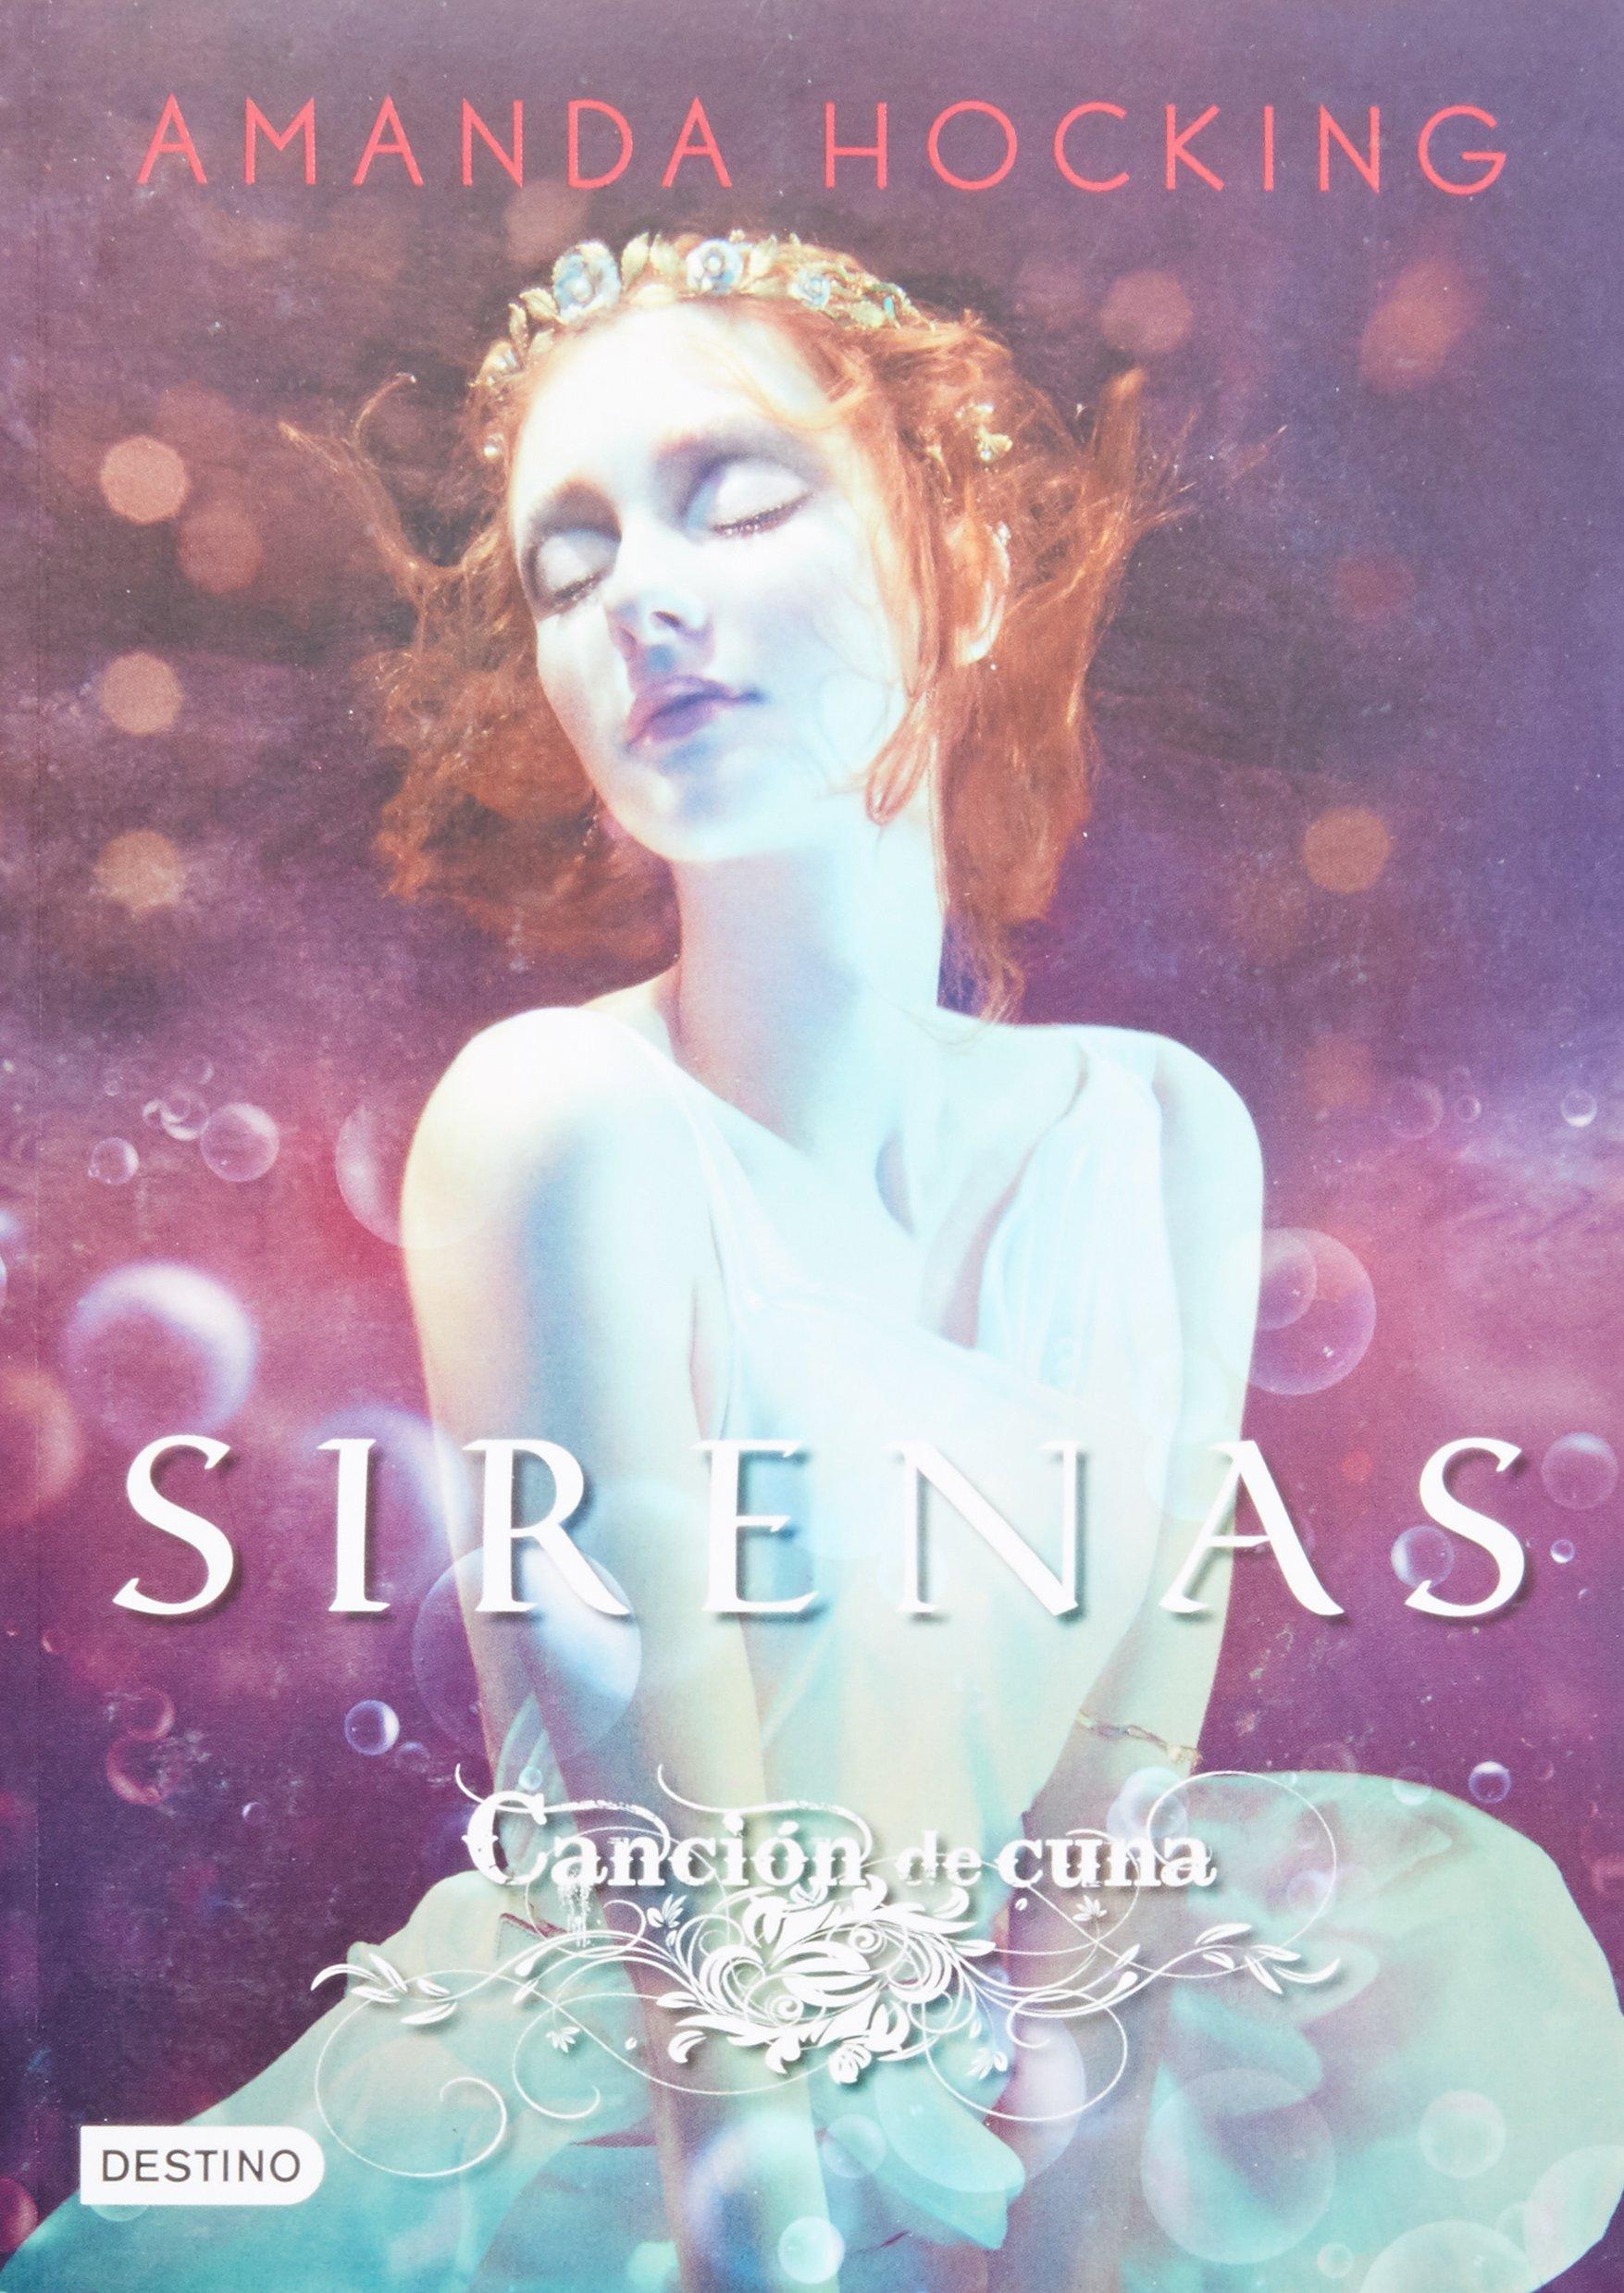 Cancion de Cuna=Lullaby (Sirenas/Sirens): Amazon.es: Amanda Hocking: Libros